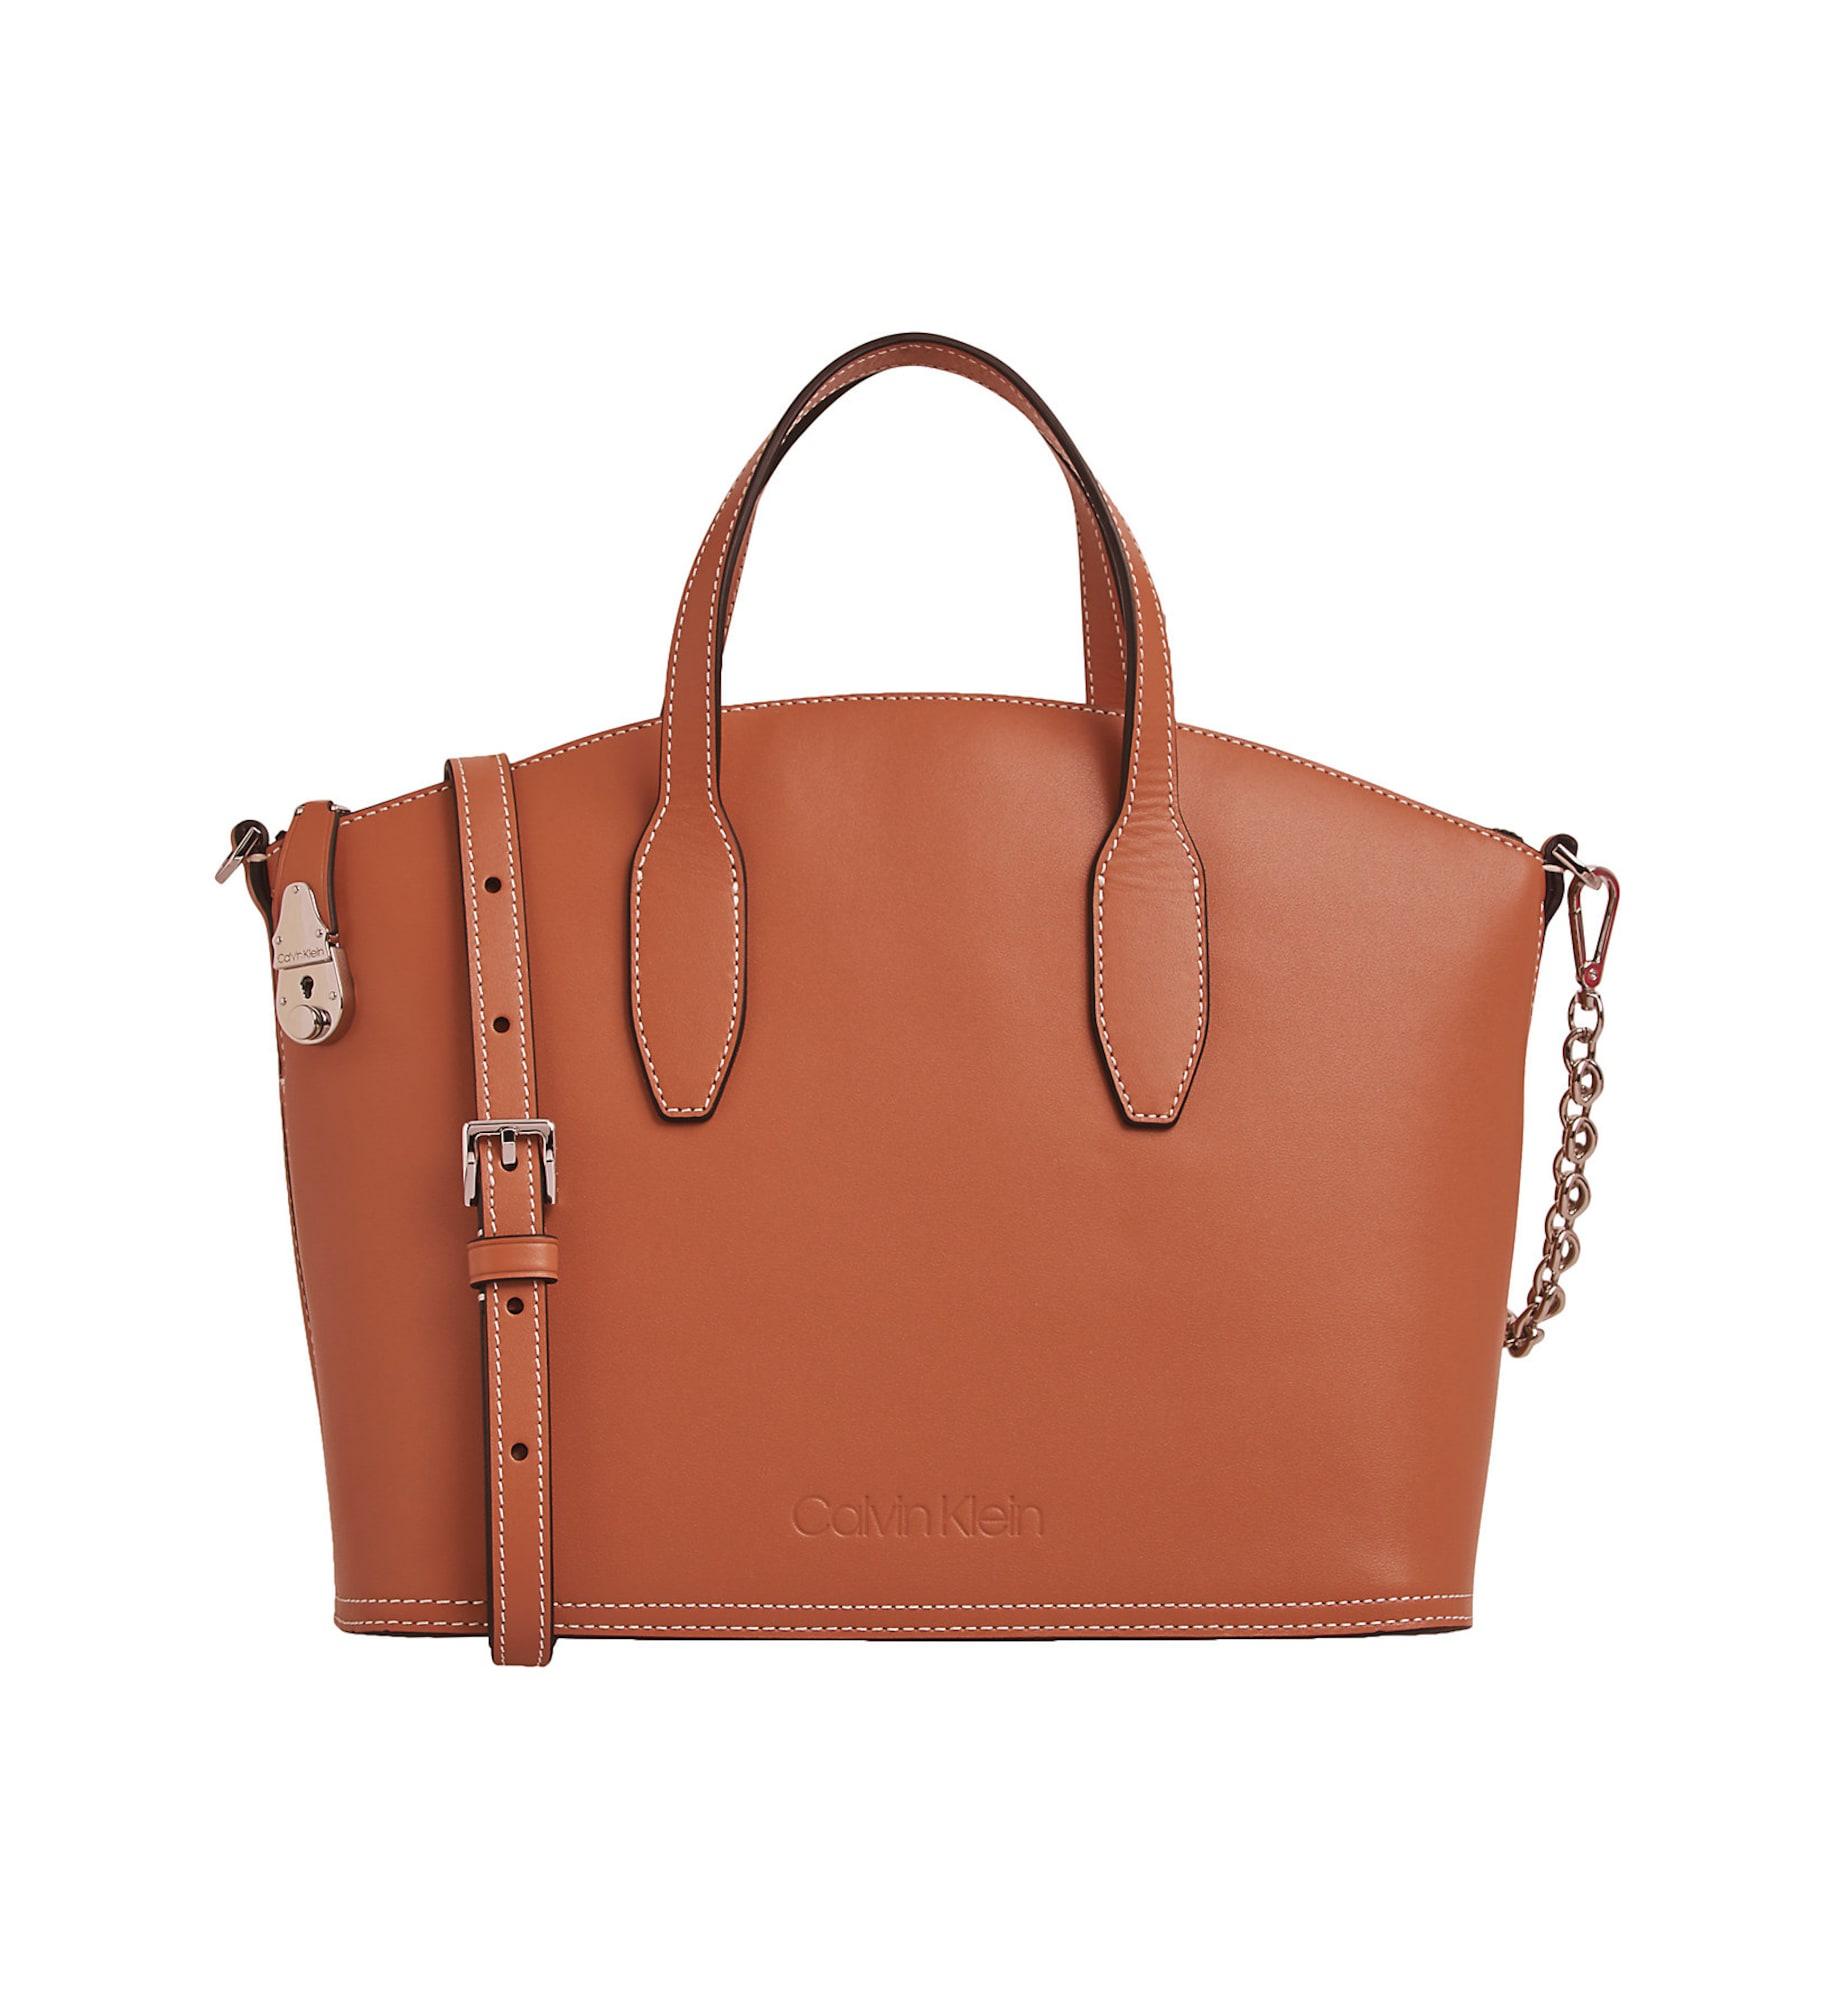 Calvin Klein Pirkinių krepšys ruda (konjako)